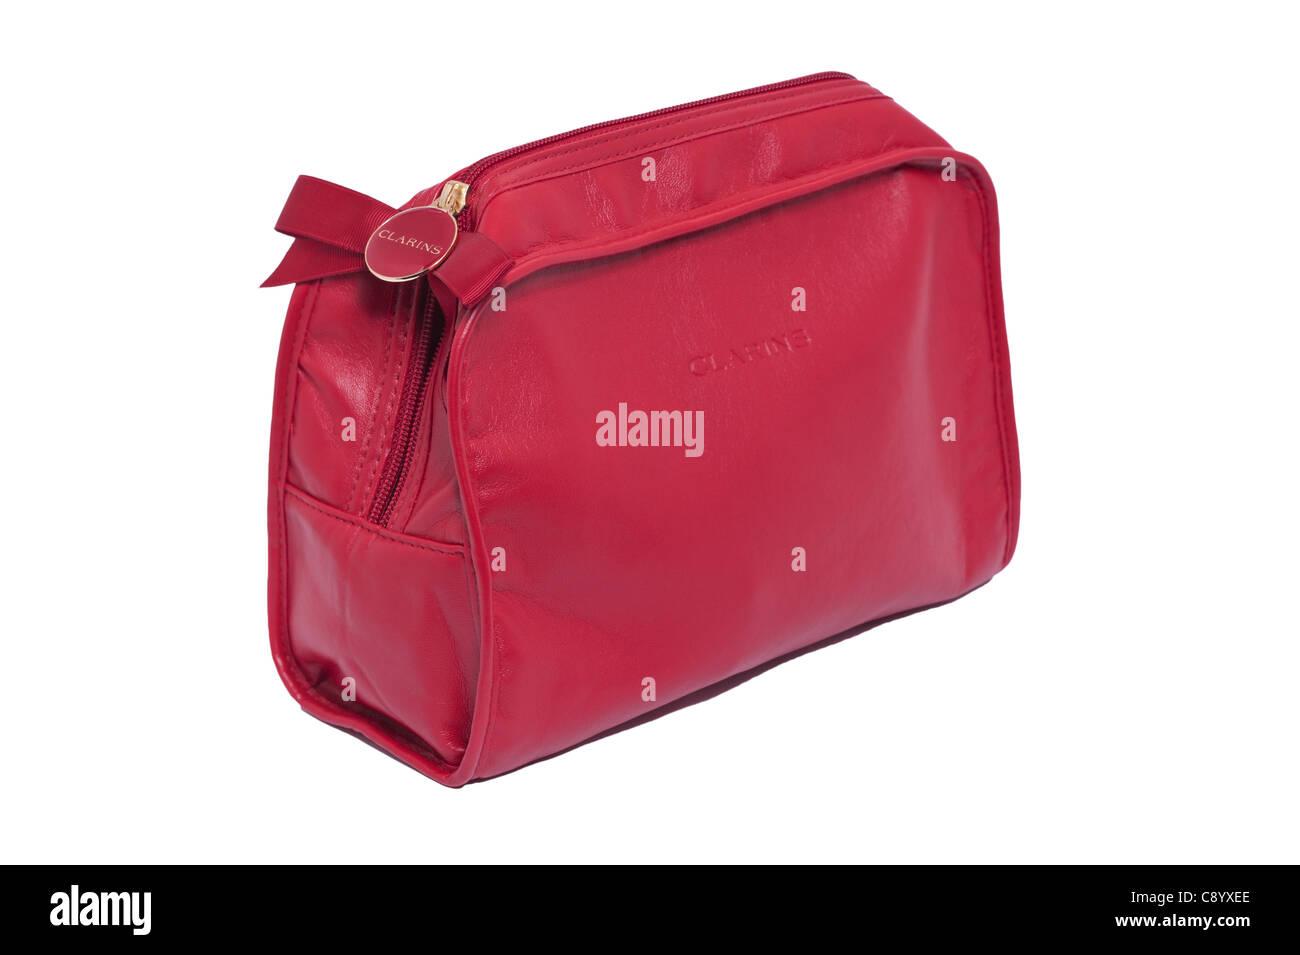 Un sac de lavage maquillage Clarins sur fond blanc Photo Stock